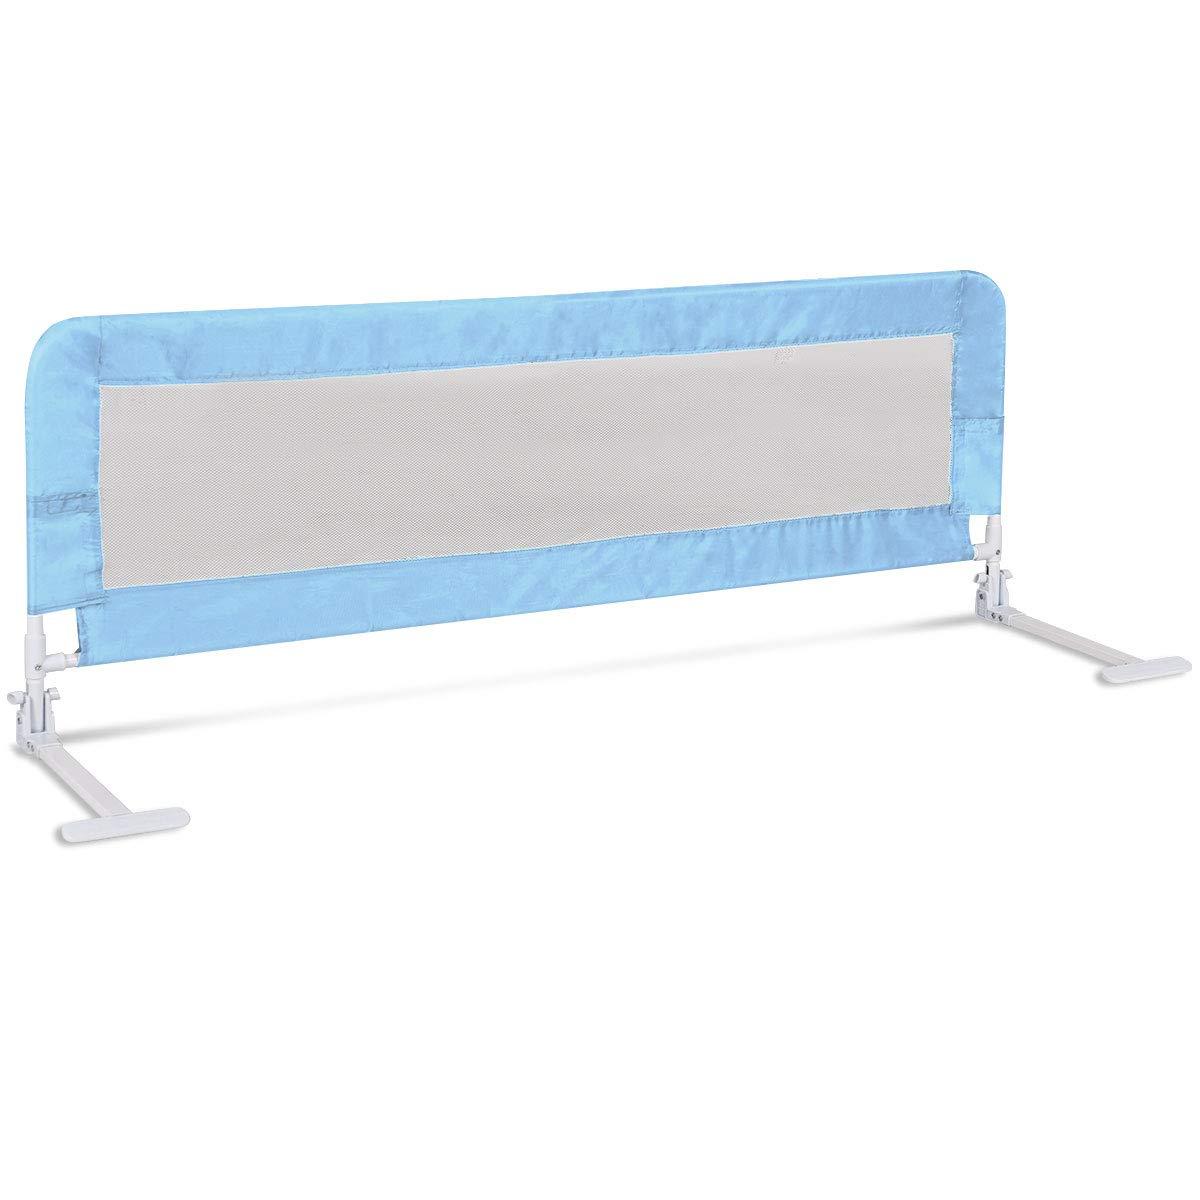 COSTWAY Bettgitter Rausfallschutz Bettschutzgitter Kinderbettgitter Babybettgitter Kinderbett Fallschutz 150 x 54cm Faltbar (Blau)